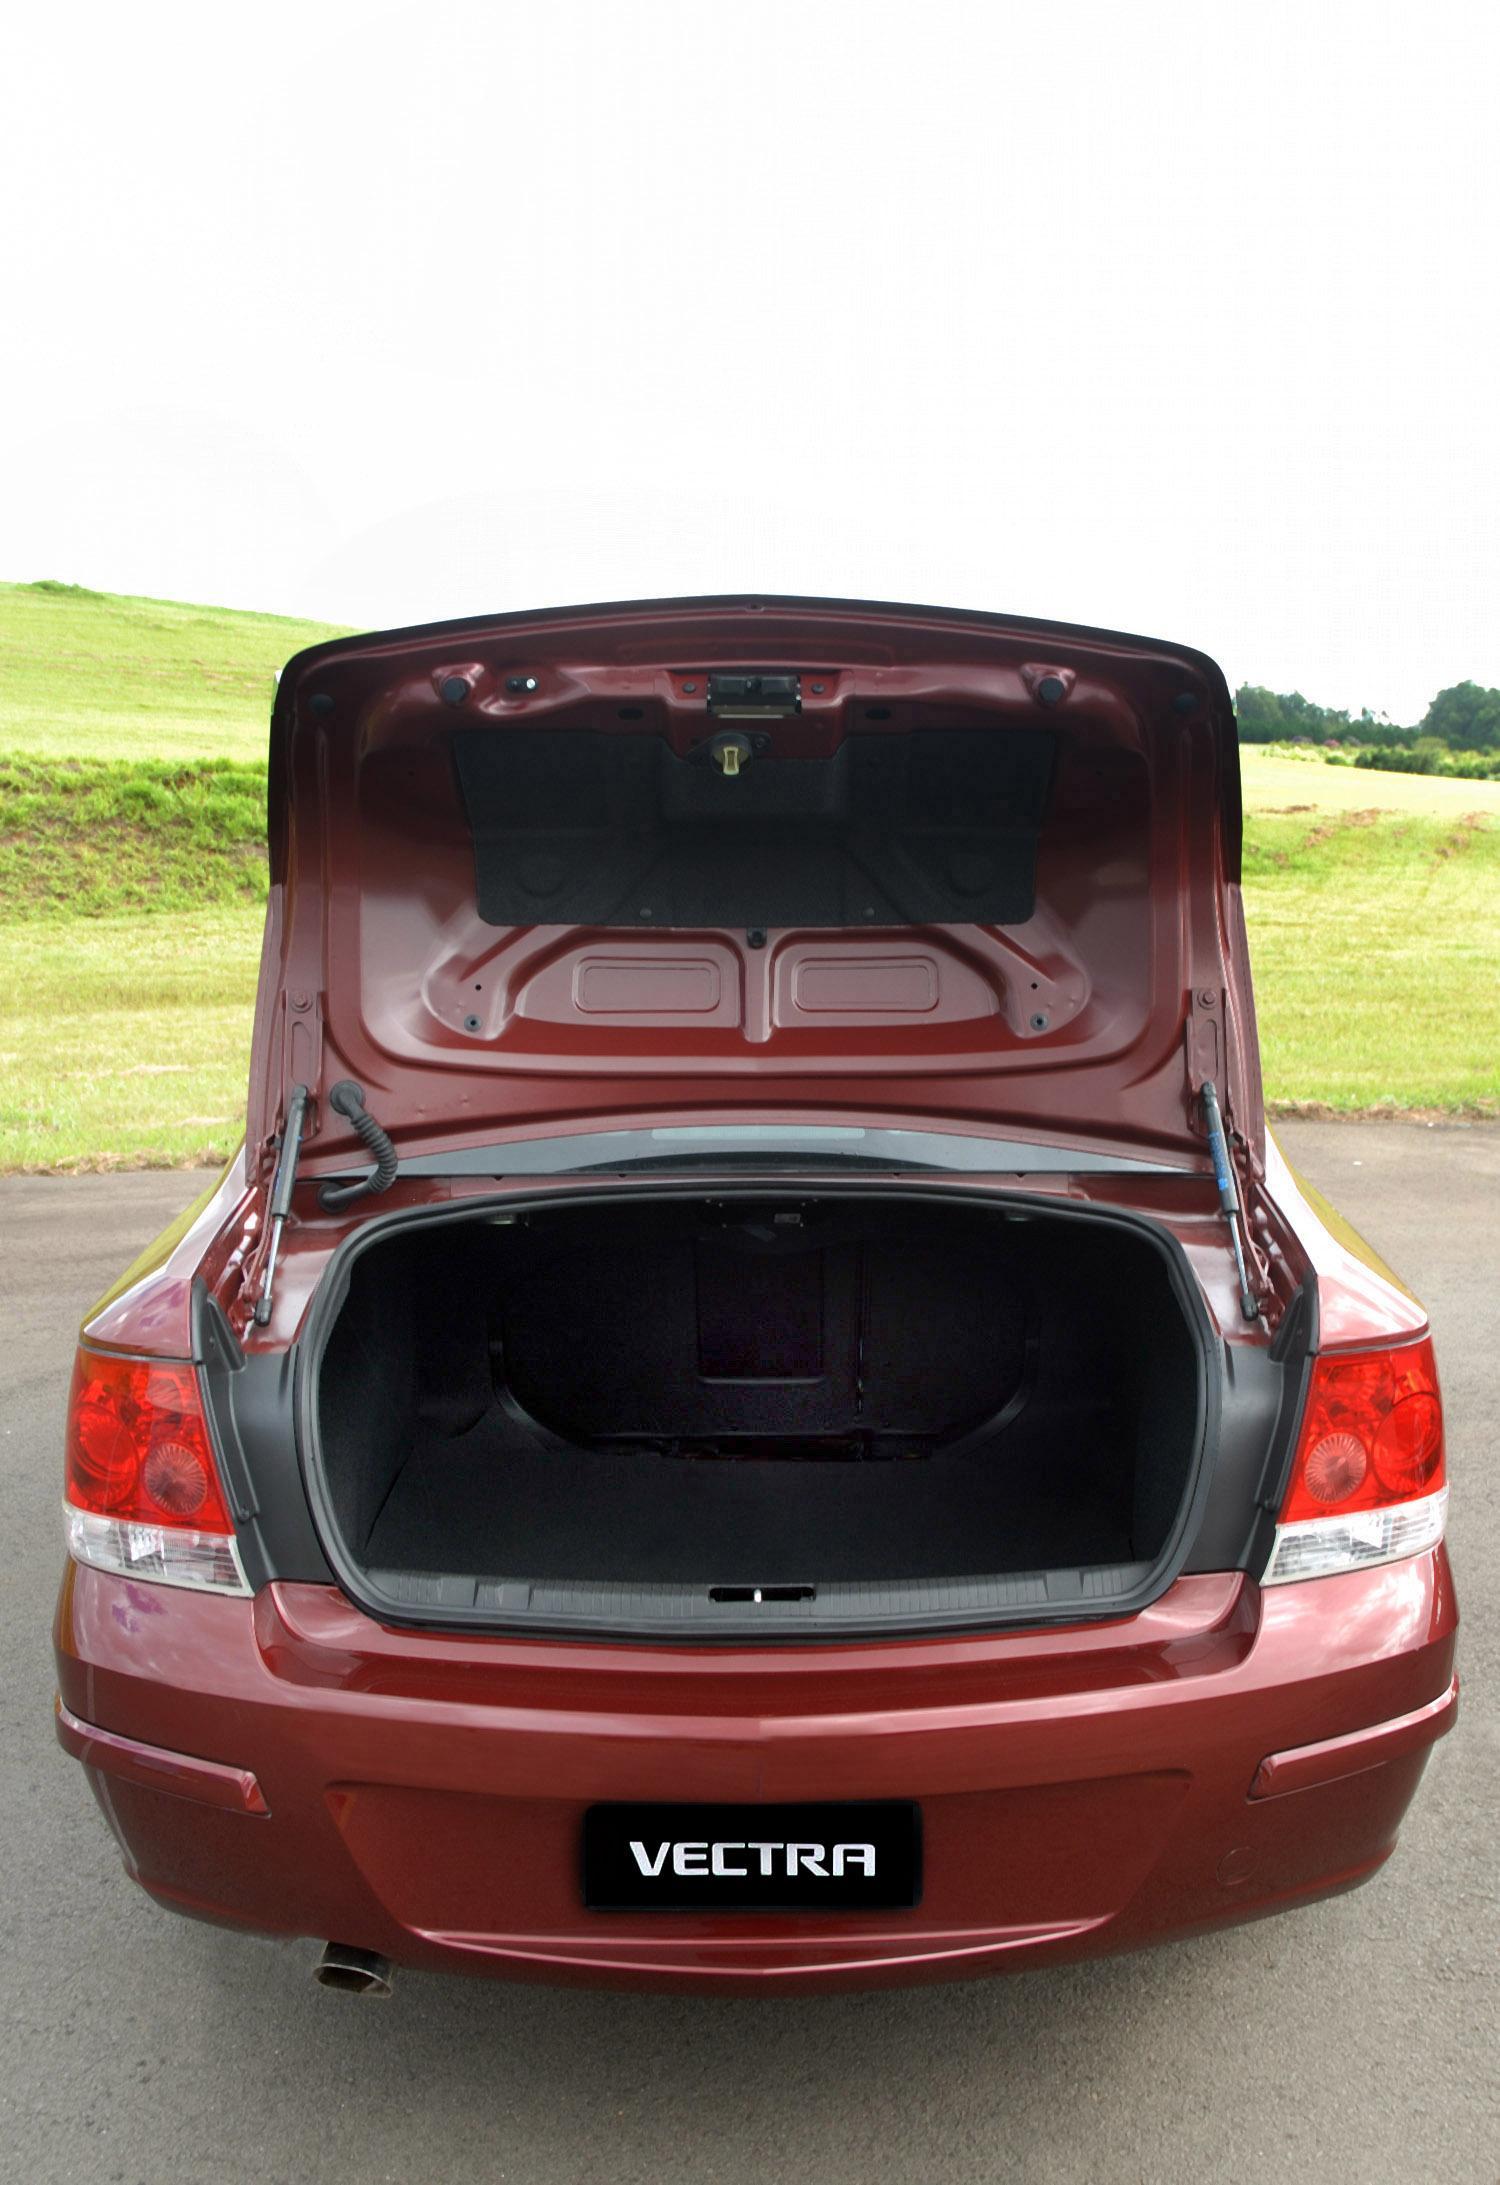 Vectra elite: porta-malas com boa capacidade de carga